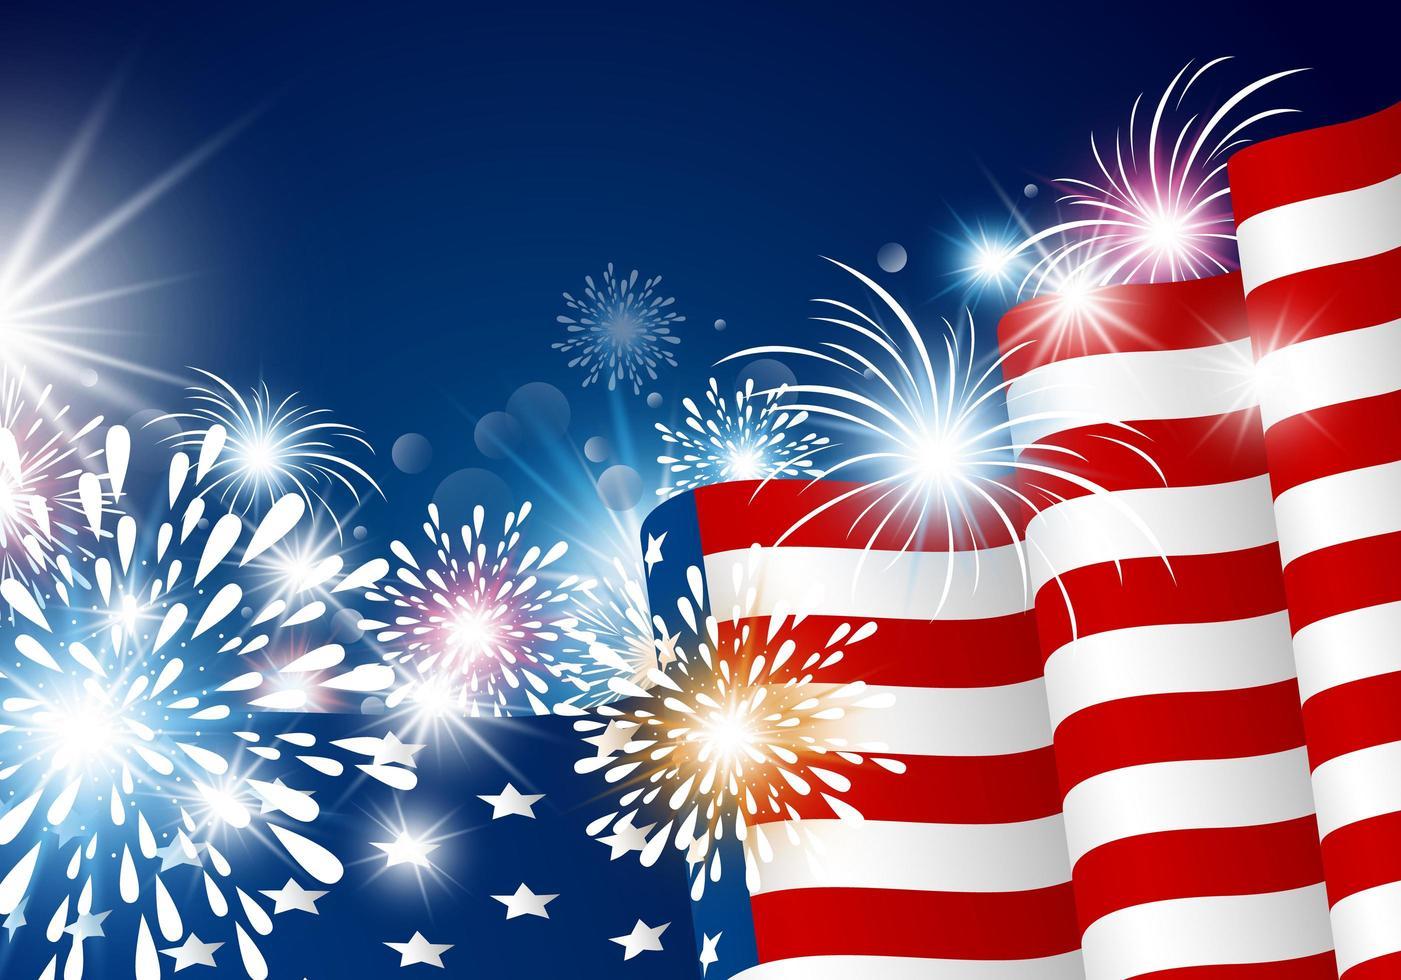 design luminoso con bandiera usa e fuochi d'artificio vettore